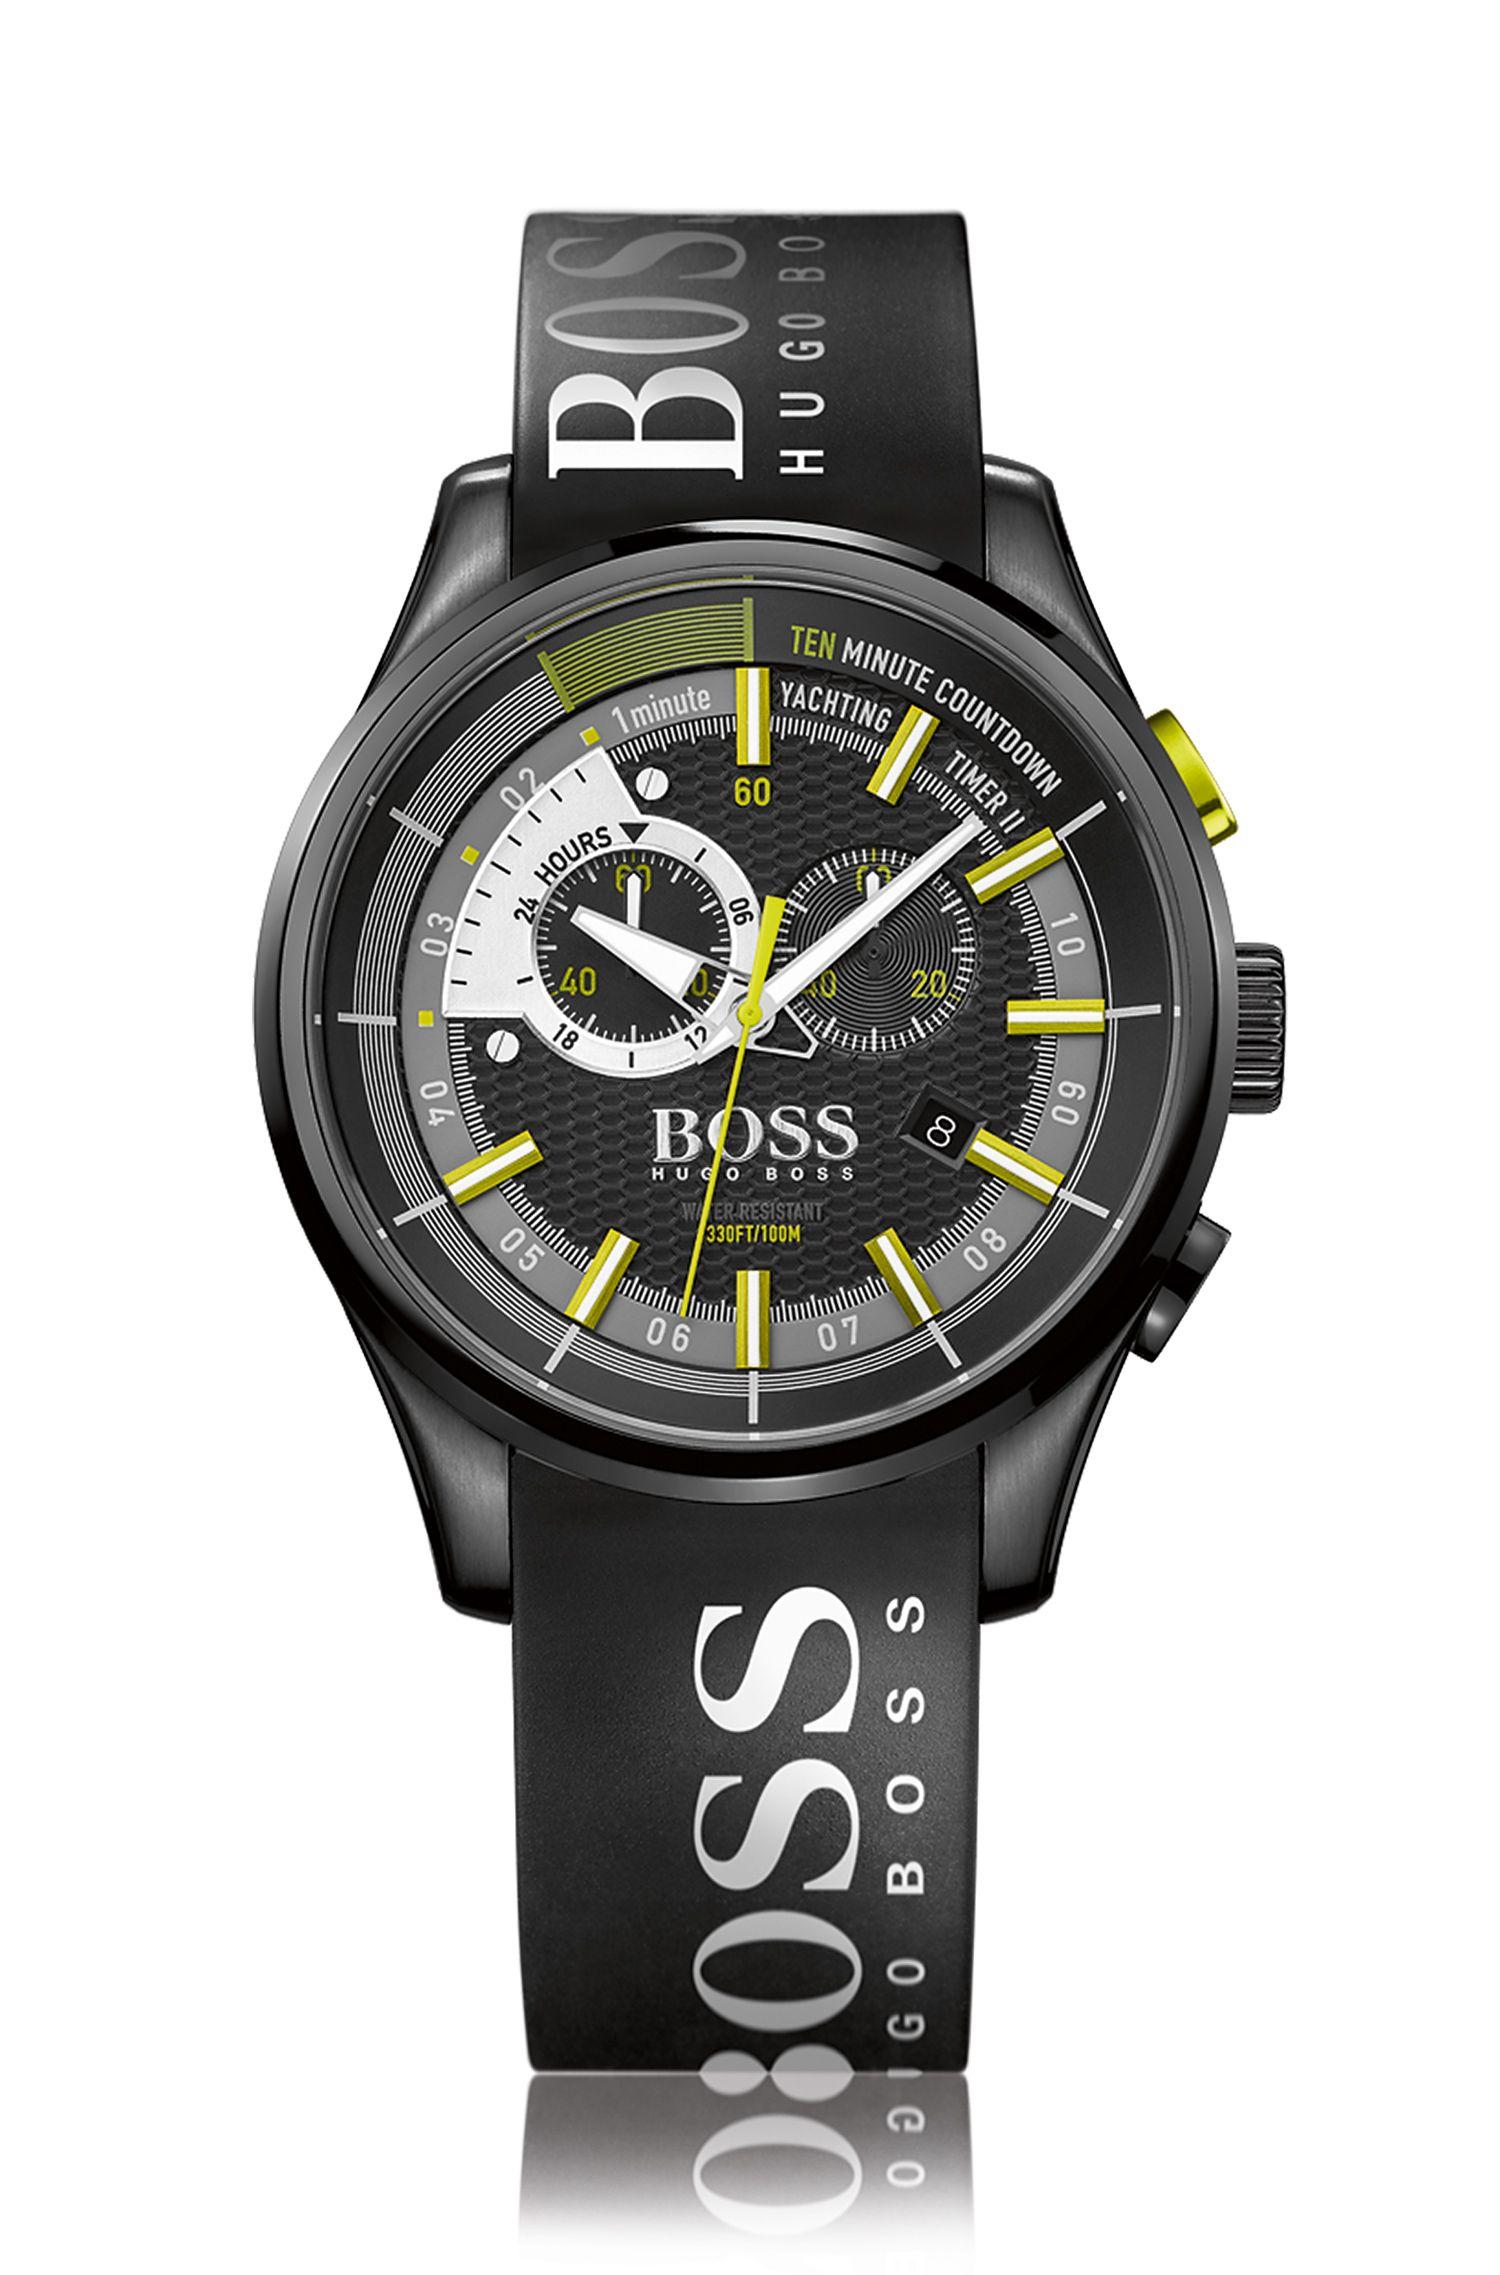 Montre chronographe régate en acier inoxydable noirci, avec fonction compte à rebours